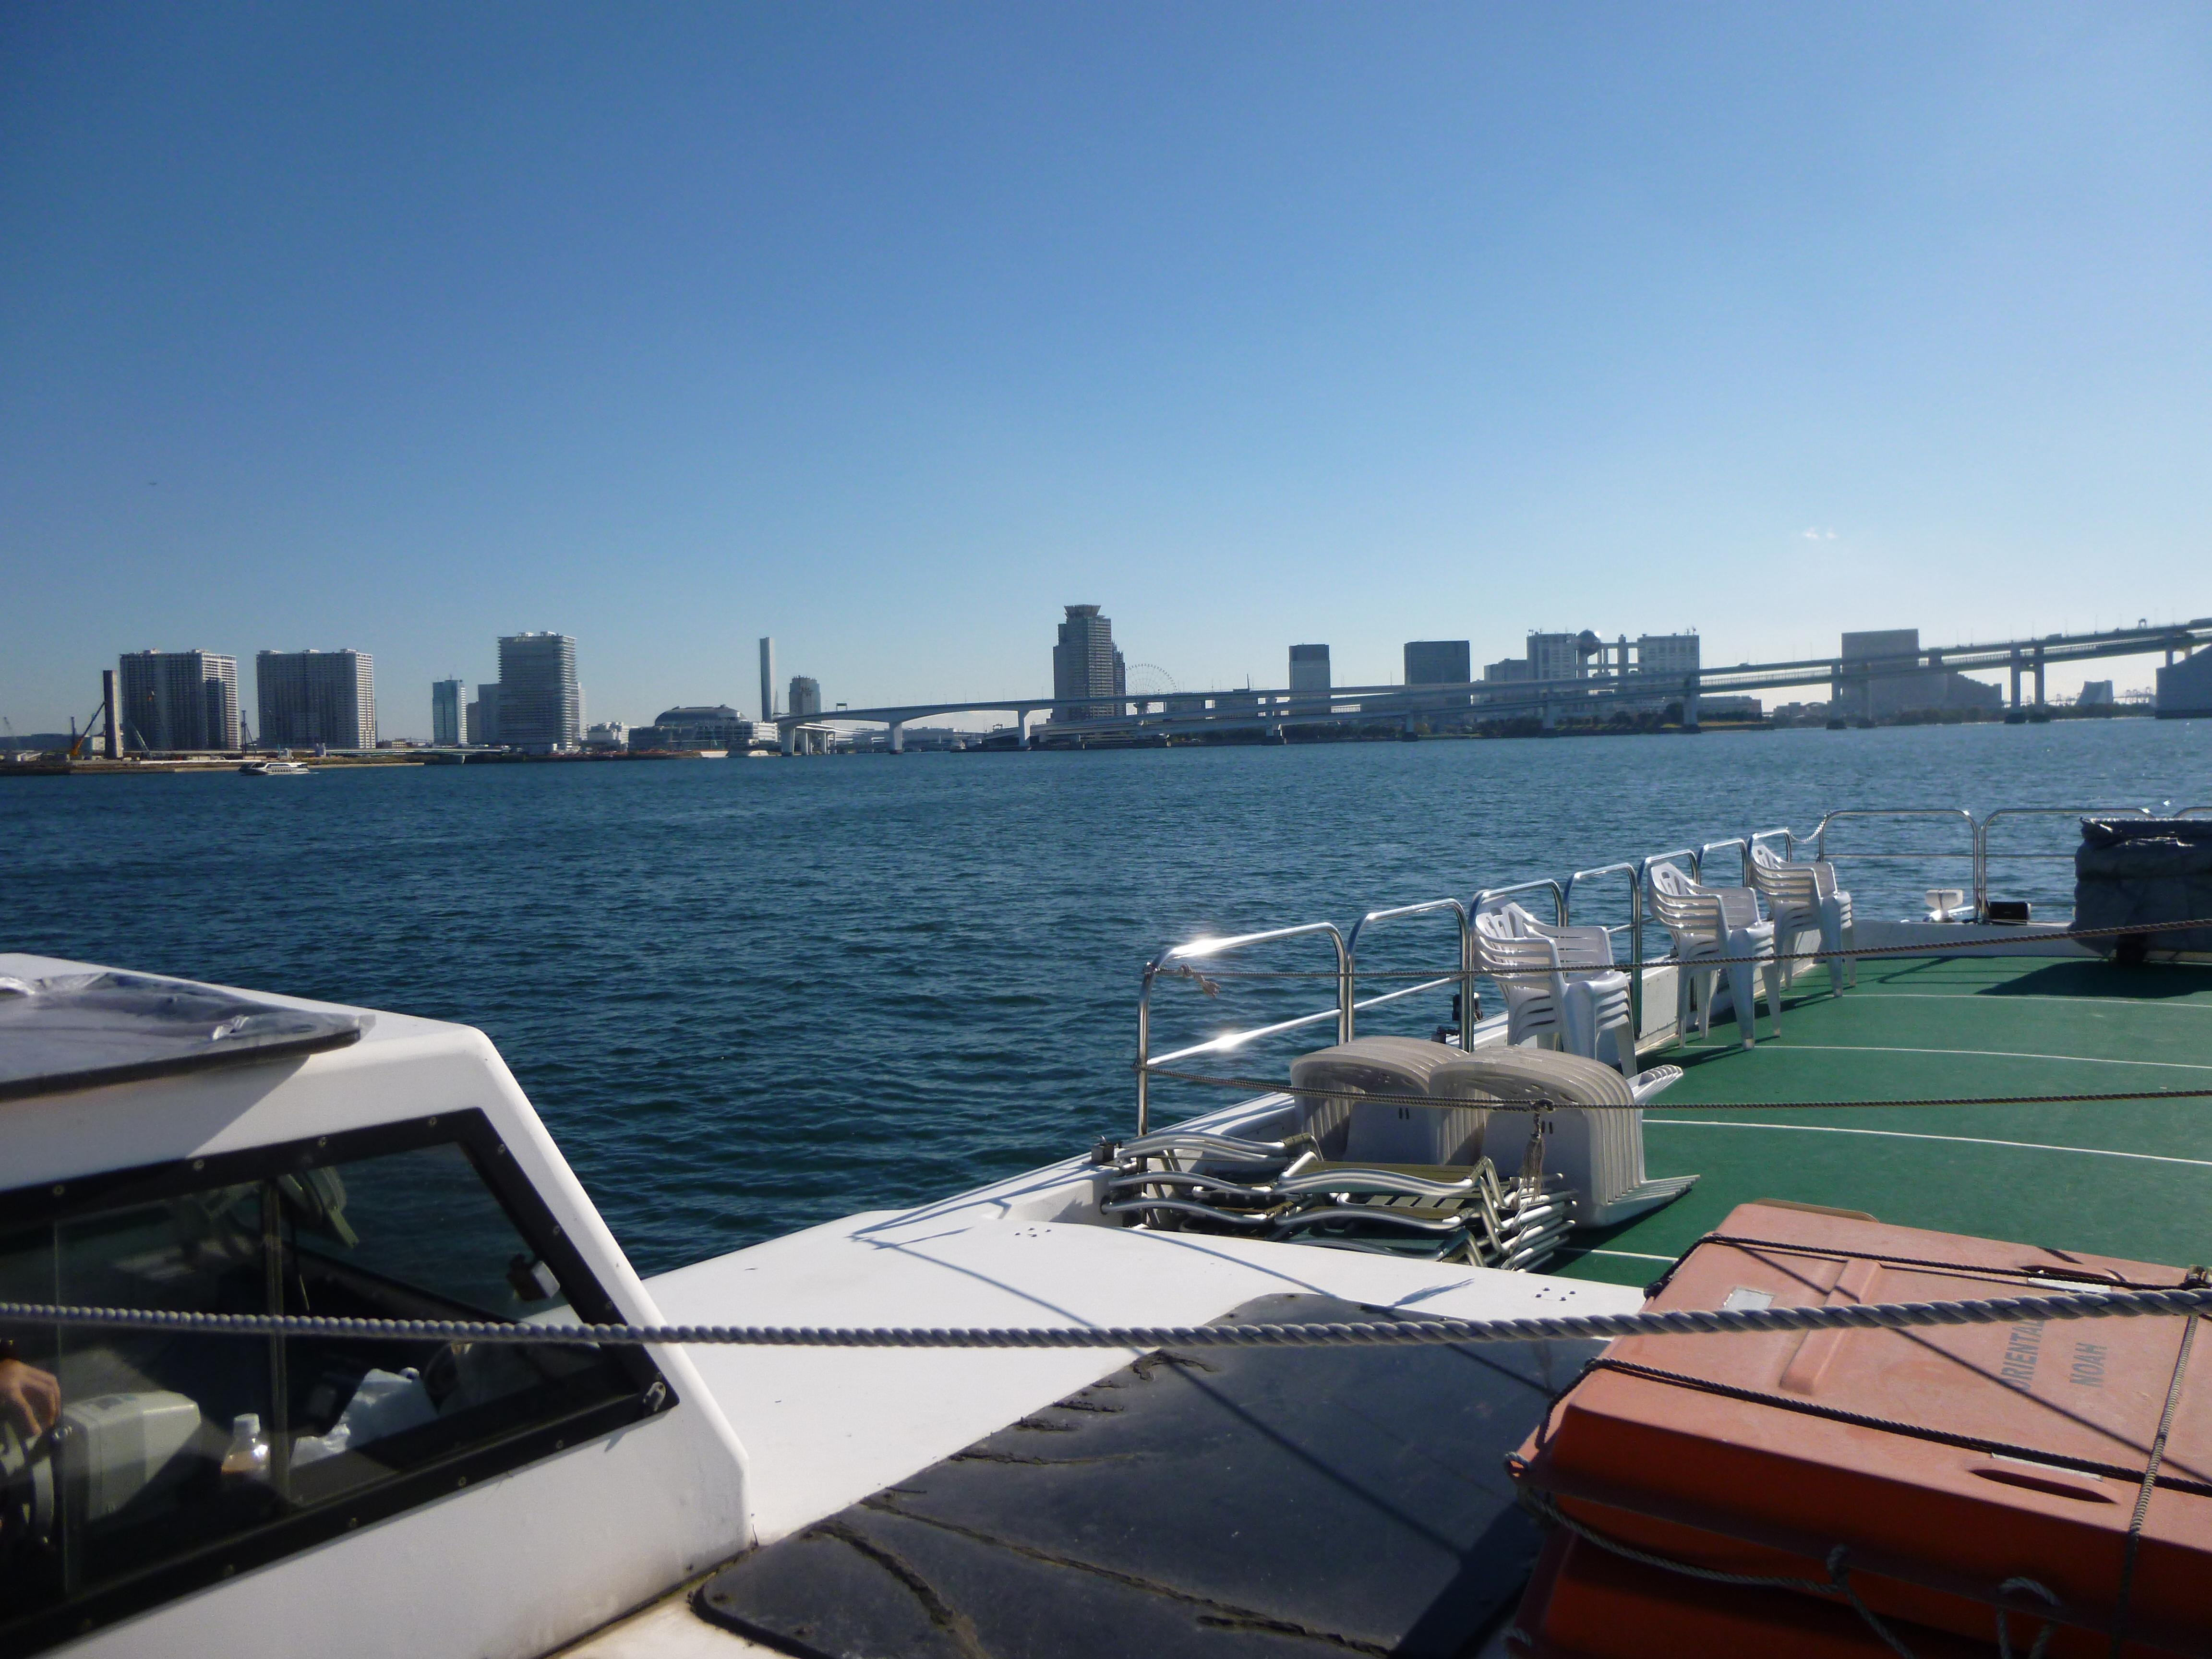 船から見える青空と街並み